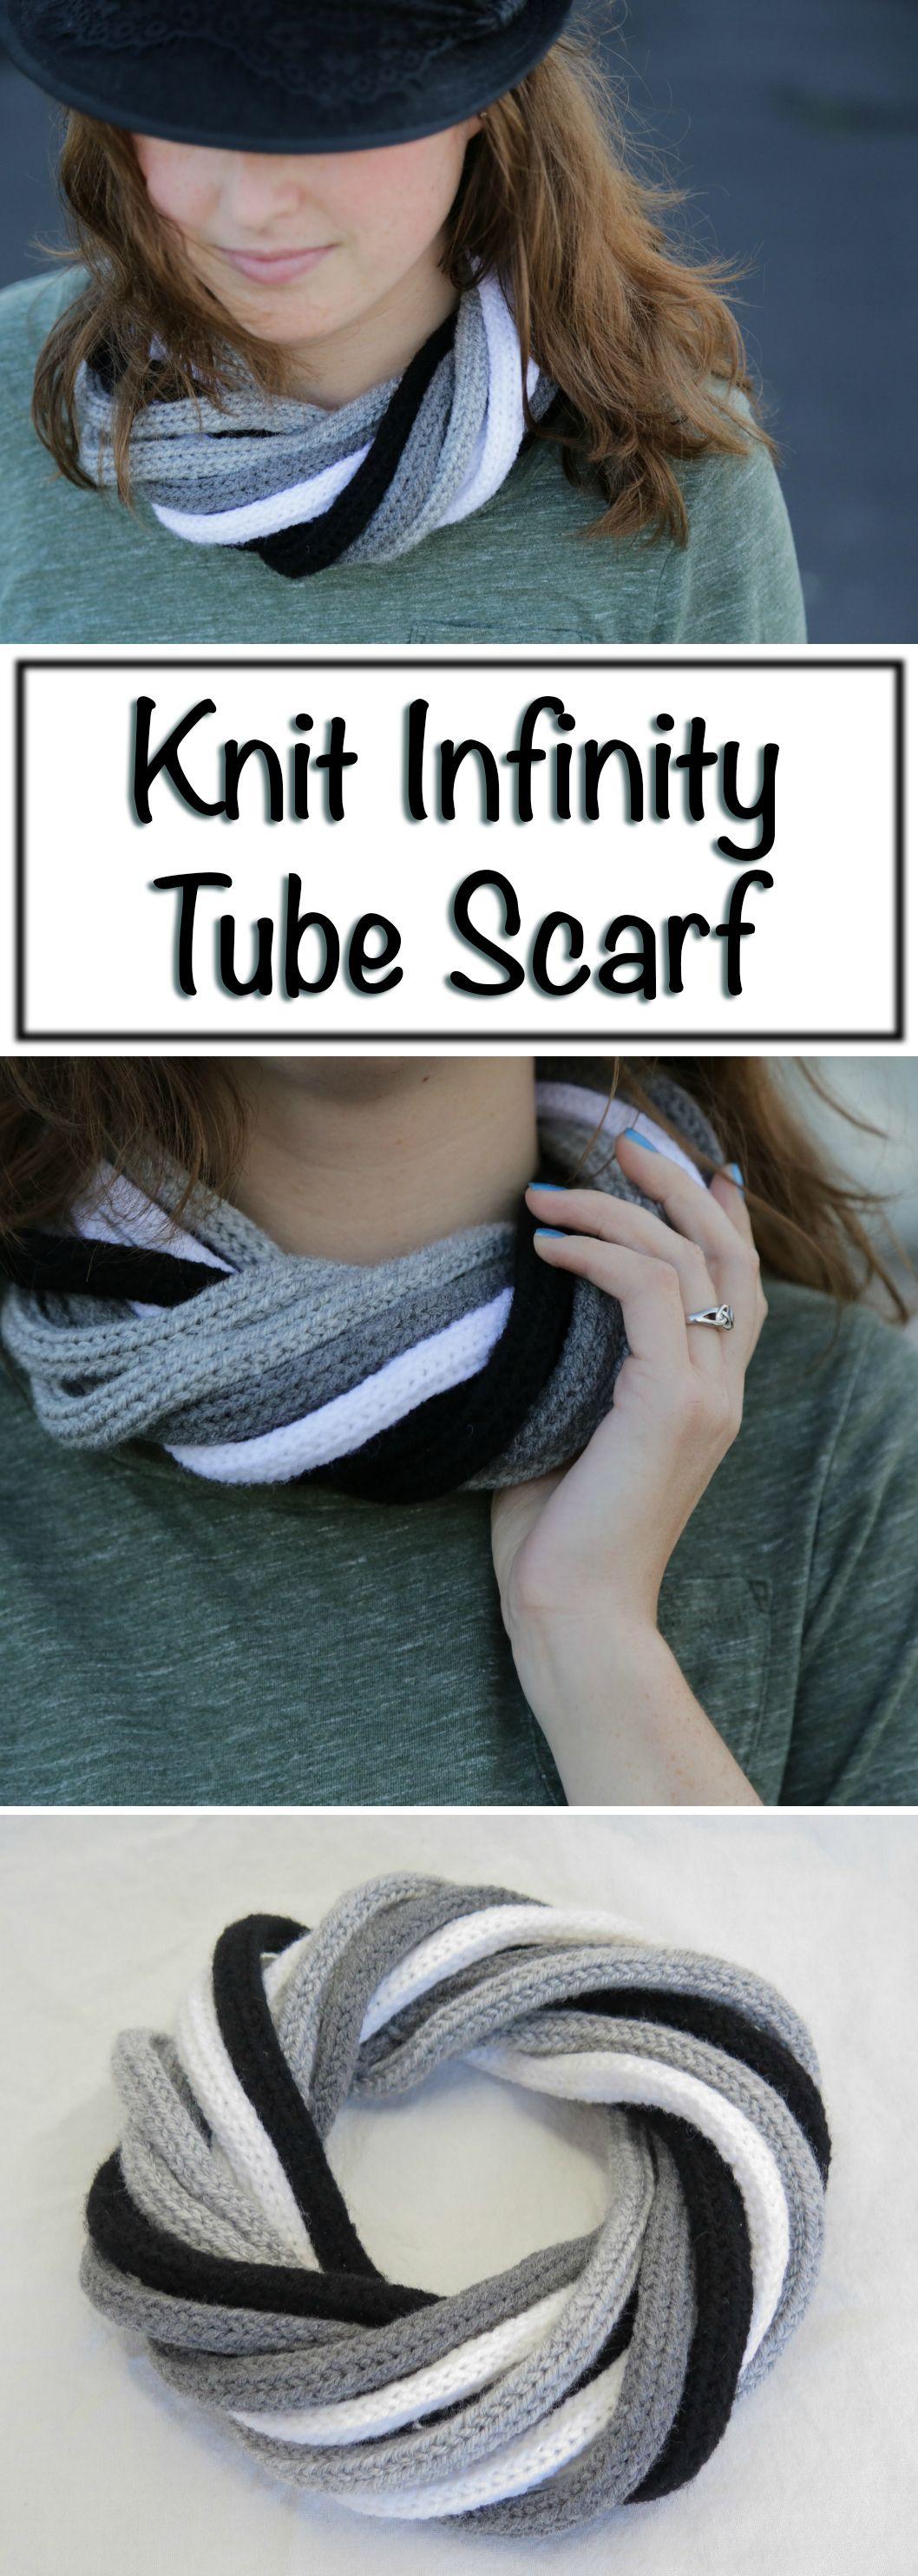 Knit Infinity Tube Scarf | Strickliesel, Schmuck Schale und Tücher